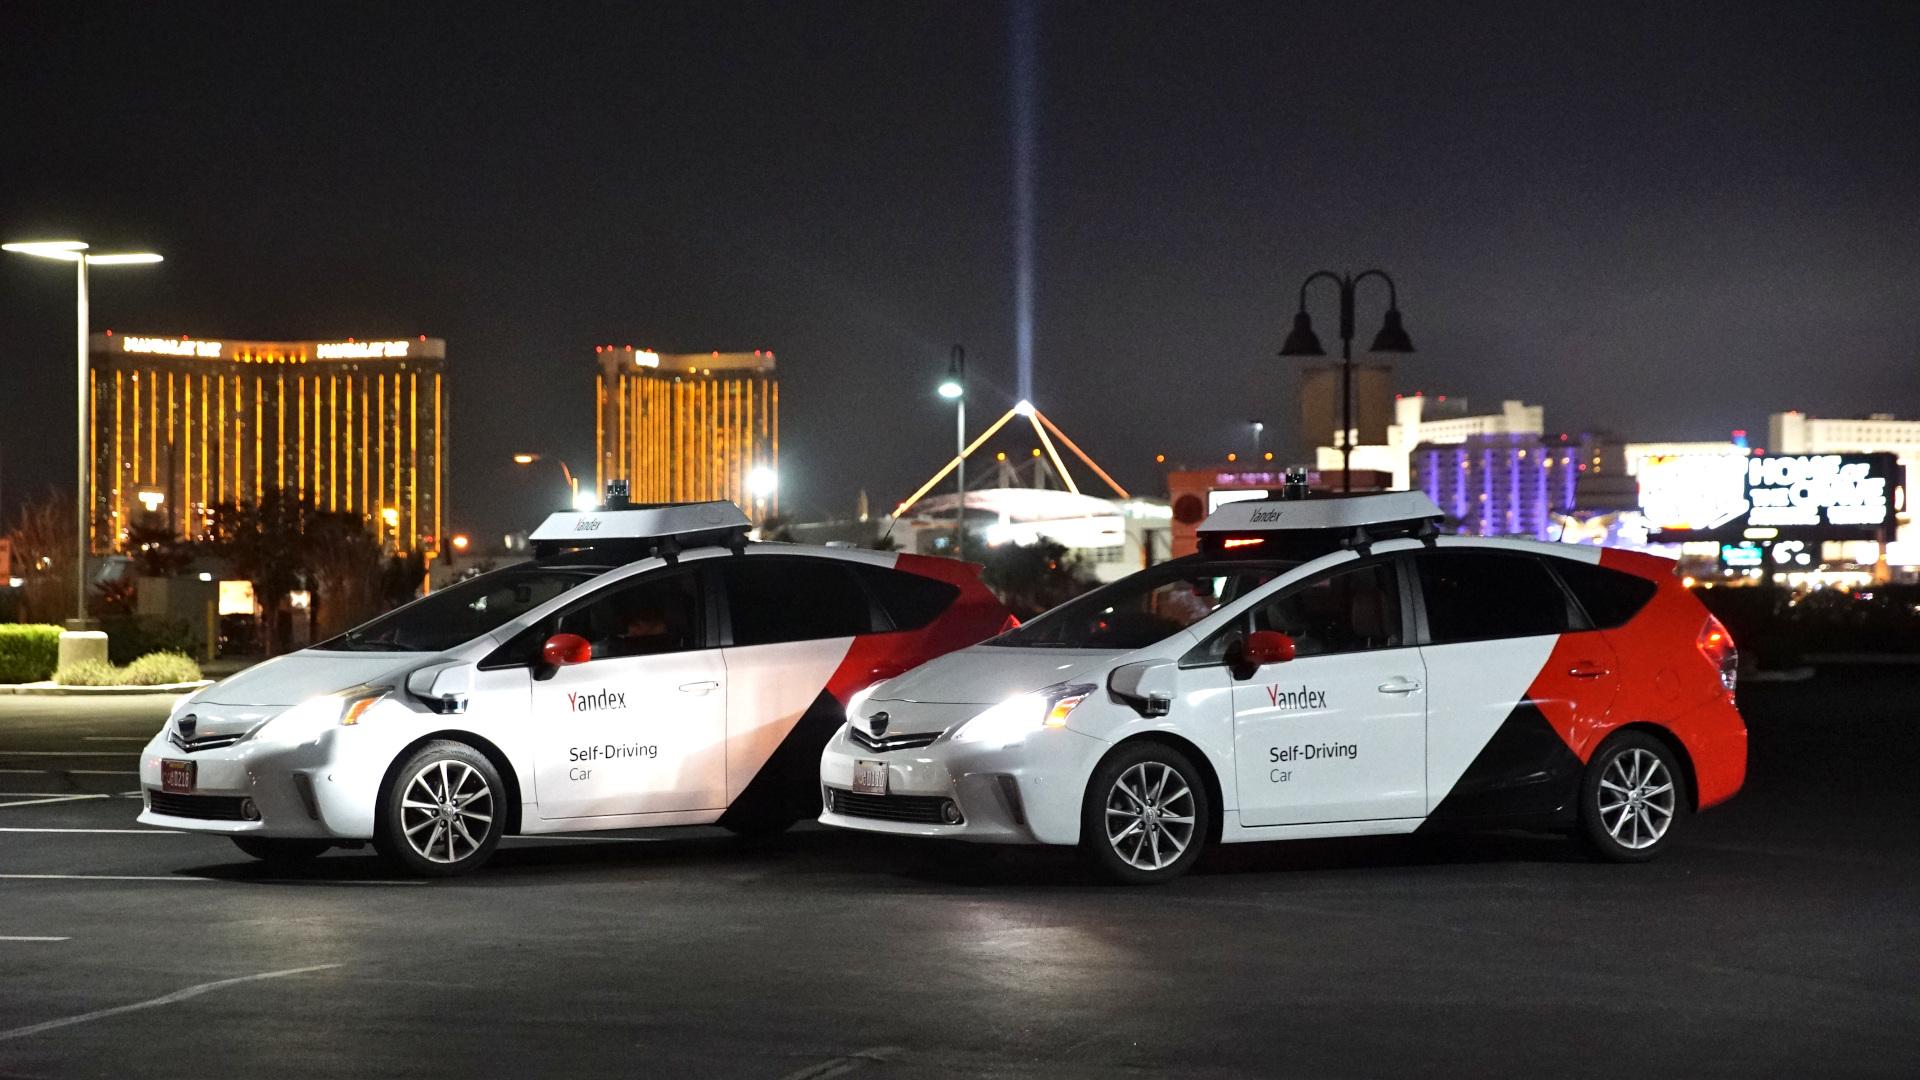 Yandex-mostrando-autos-de-conducción-independiente-en-CES-2020